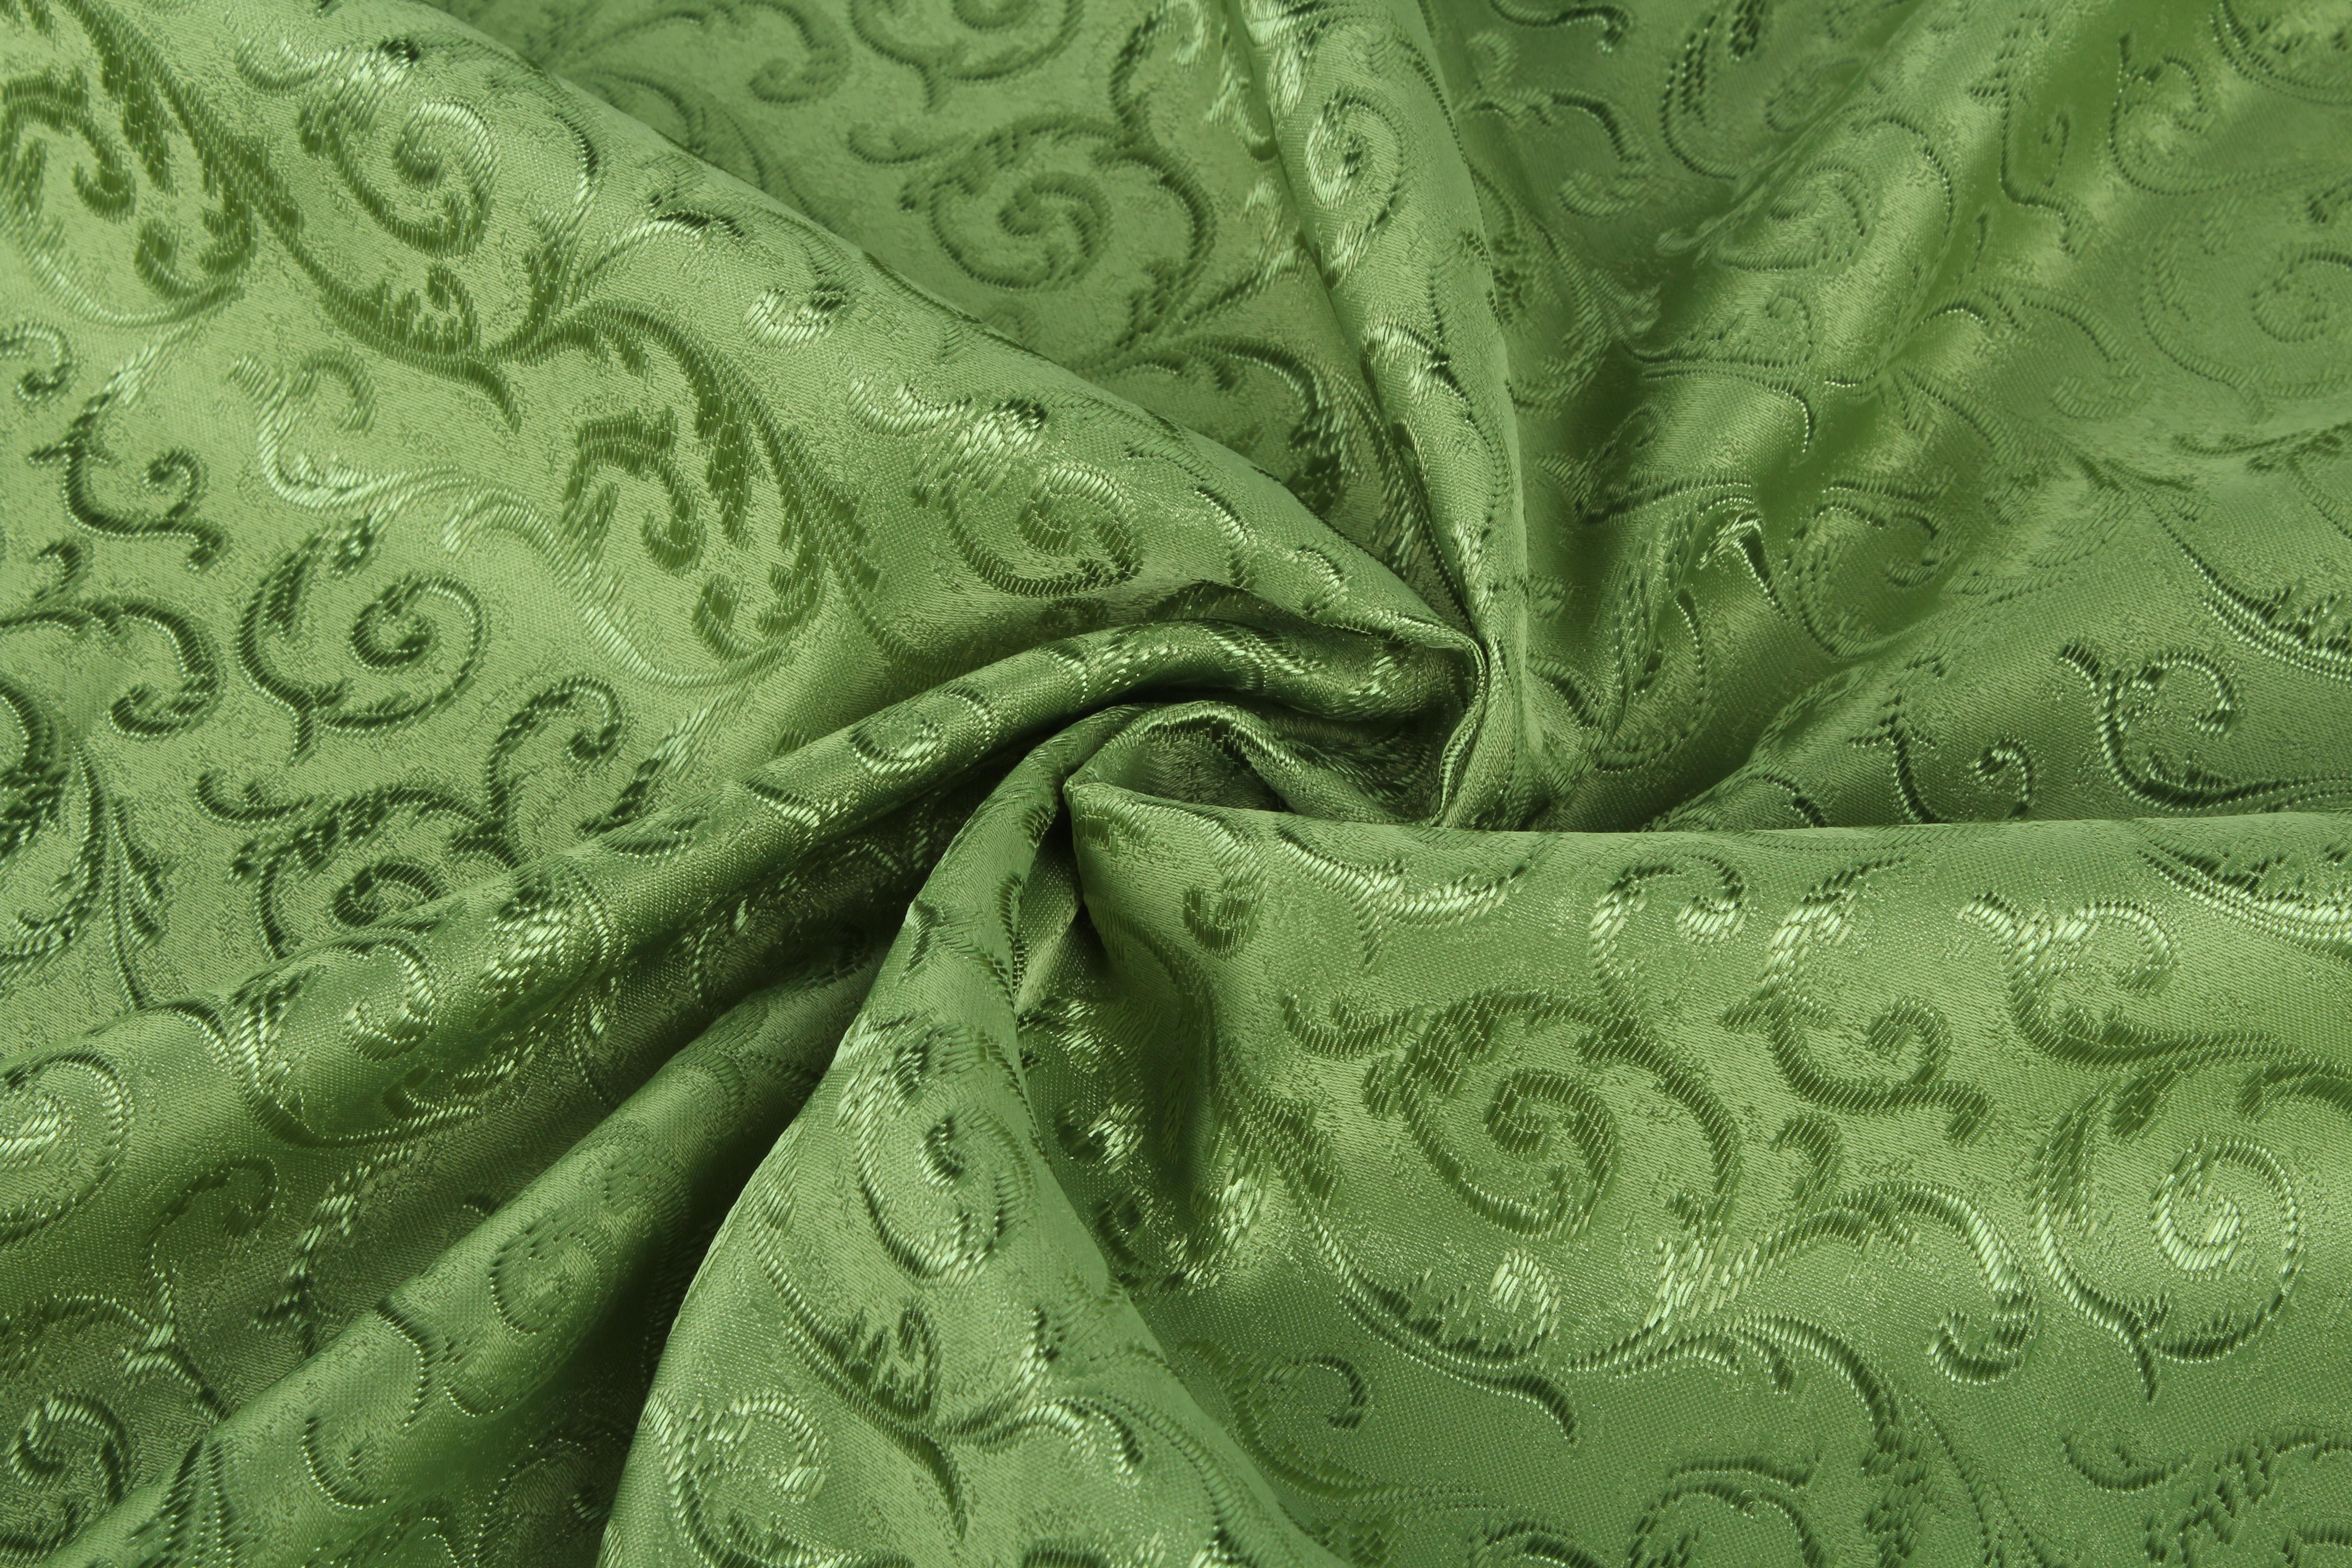 {} TexRepublic Материал Жаккард Versal Цвет: Зеленый versal фотообои v 105